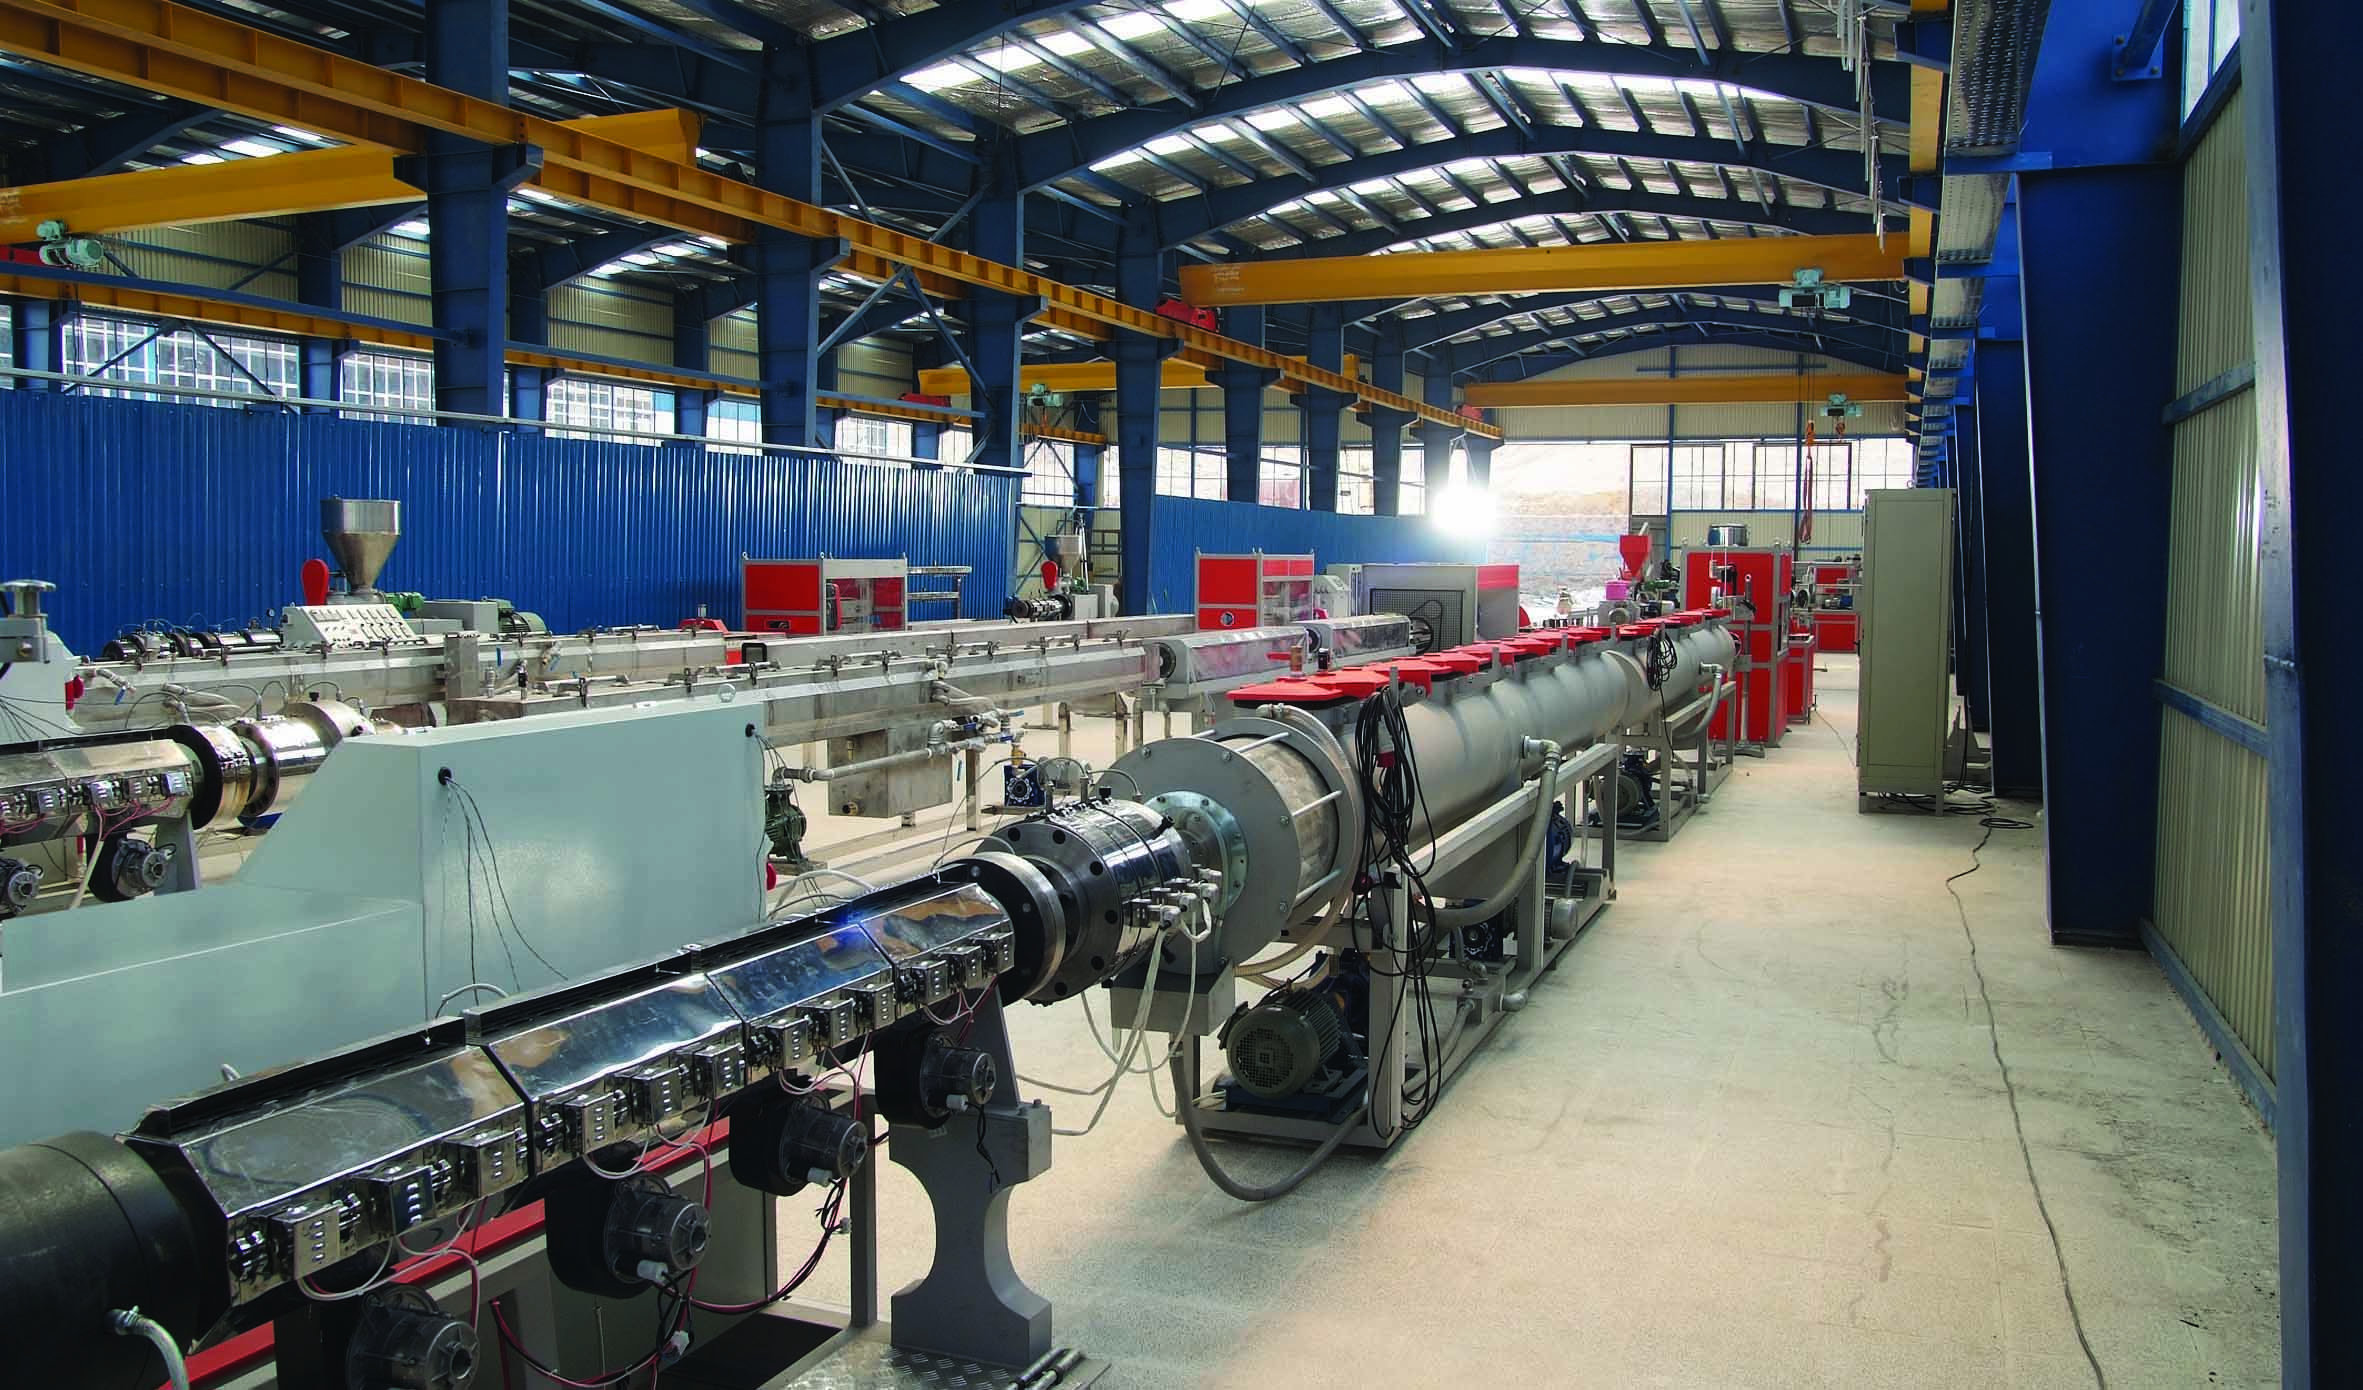 معاون وزیر کشور: 1200 واحد صنعتی راکد به تولید باز گشتند